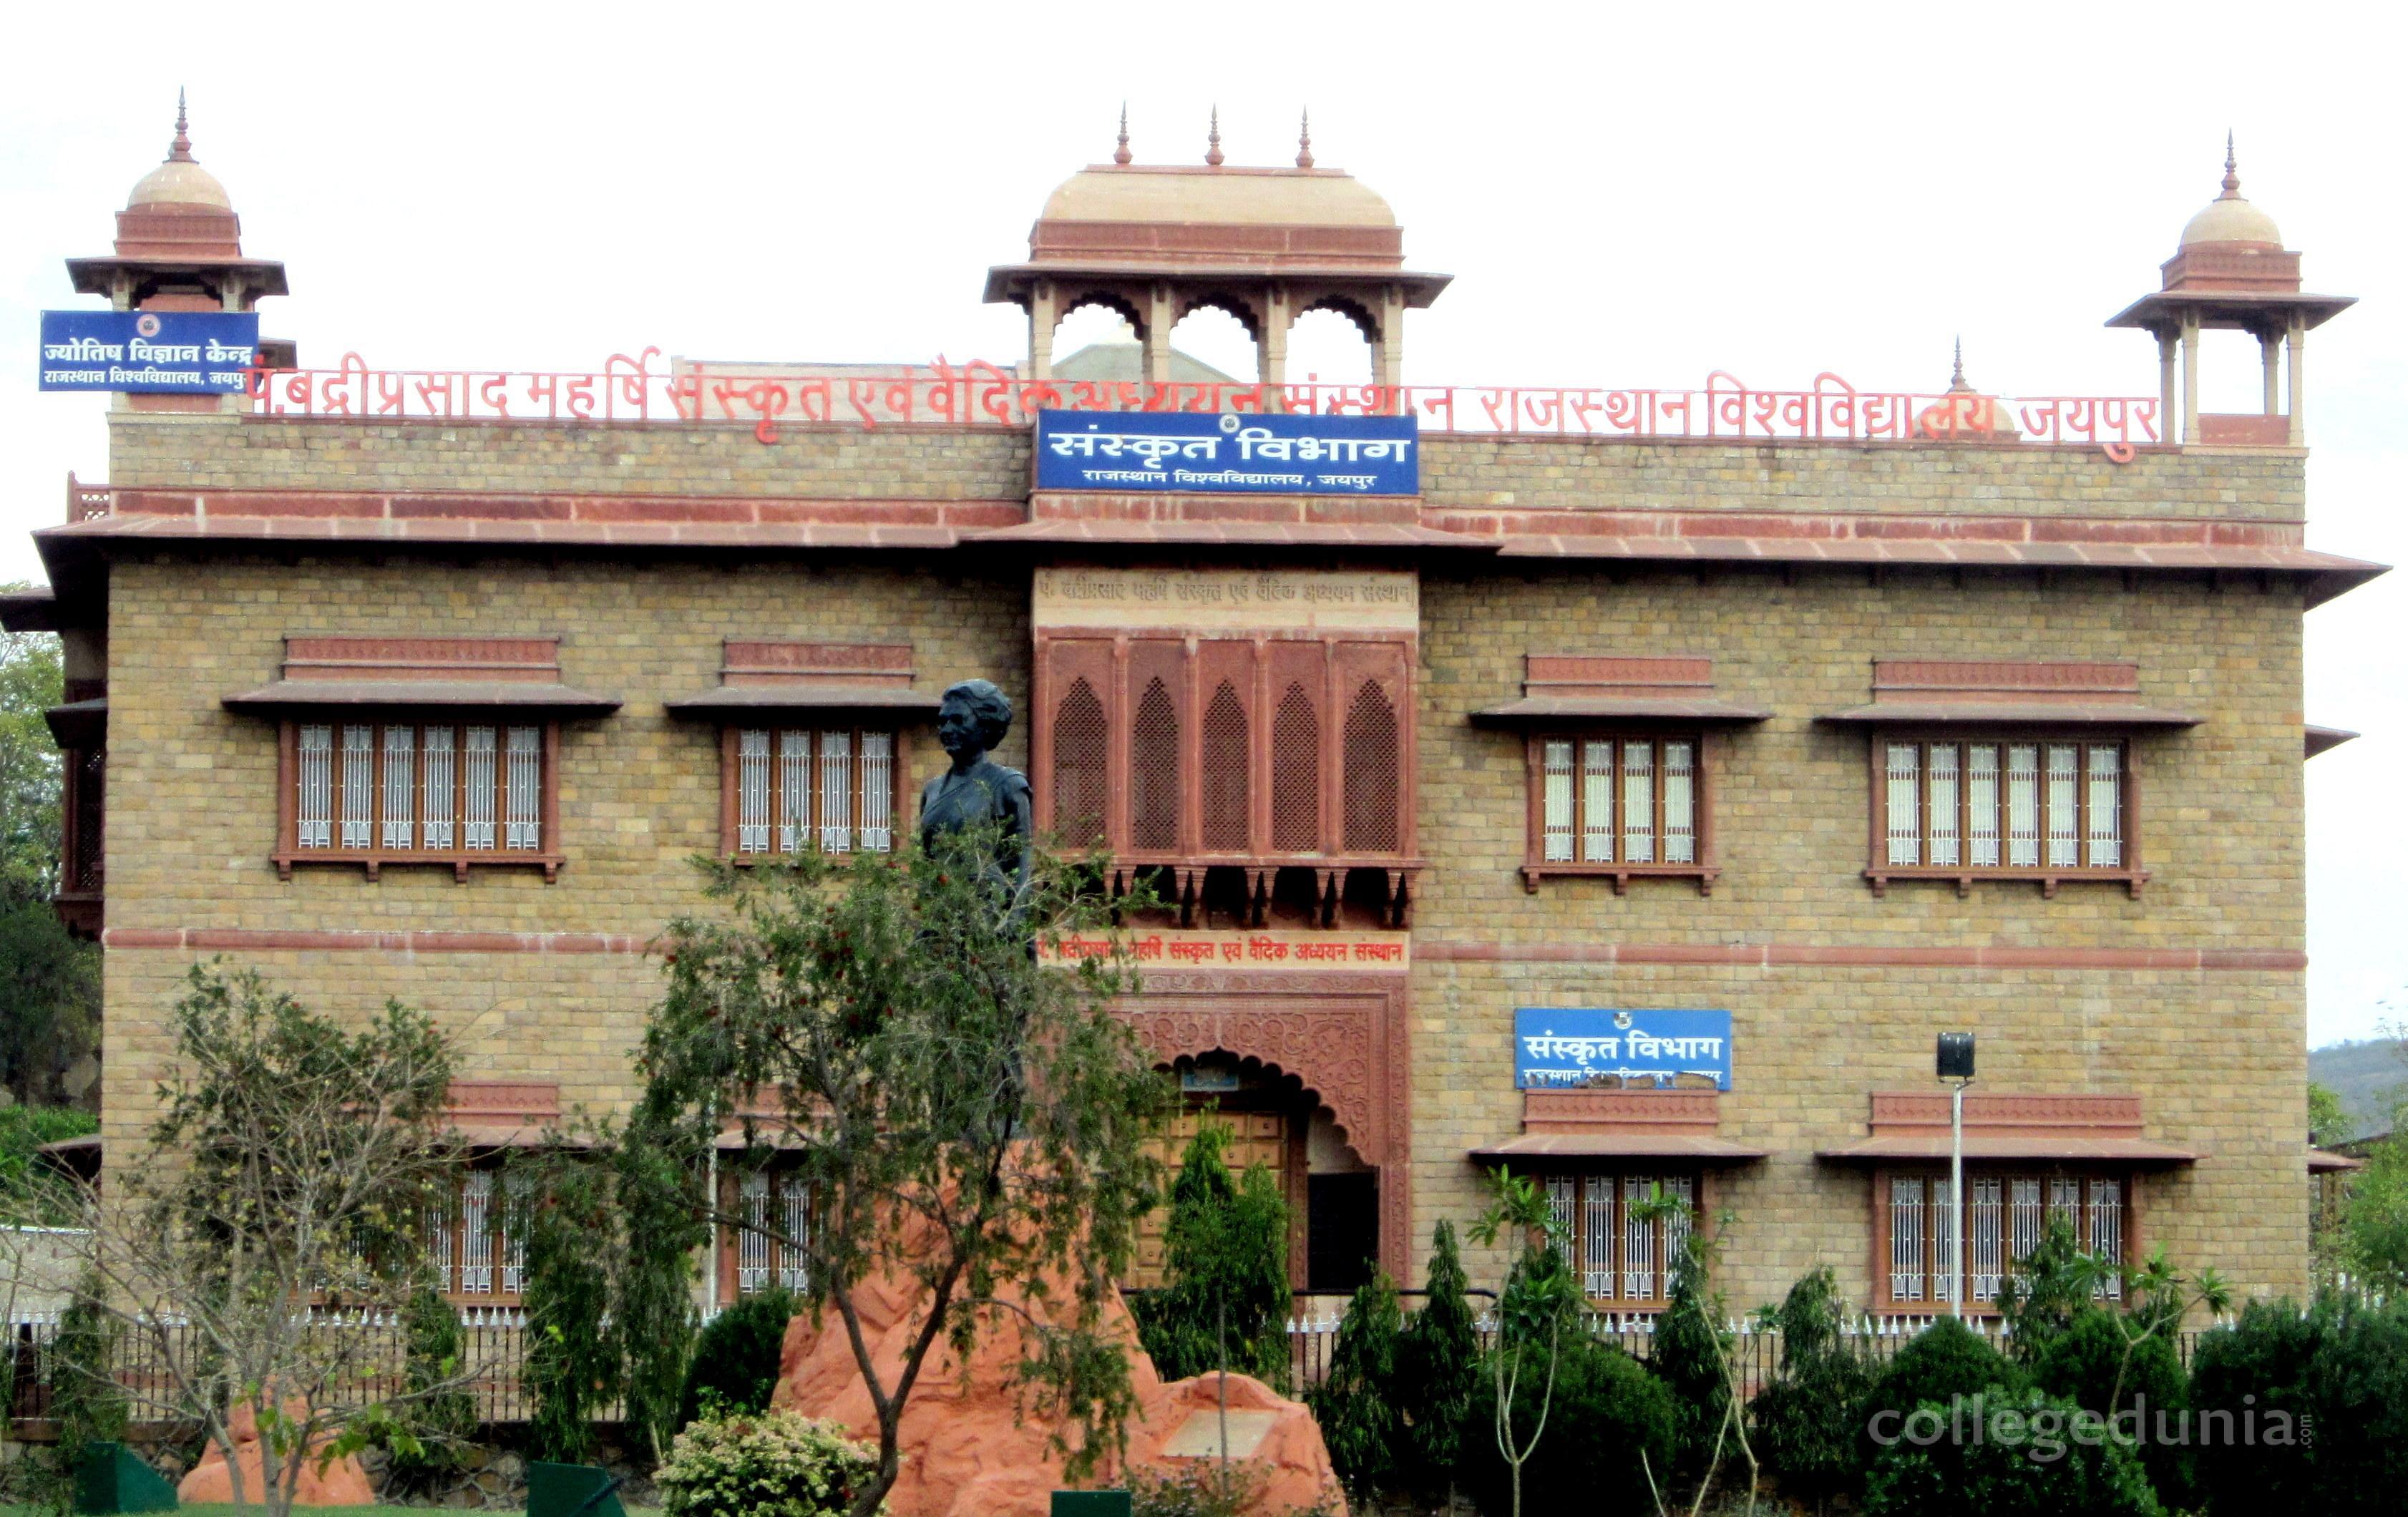 Brajesh Mahila Shikshak Prashikshan Mahavidhyalaya